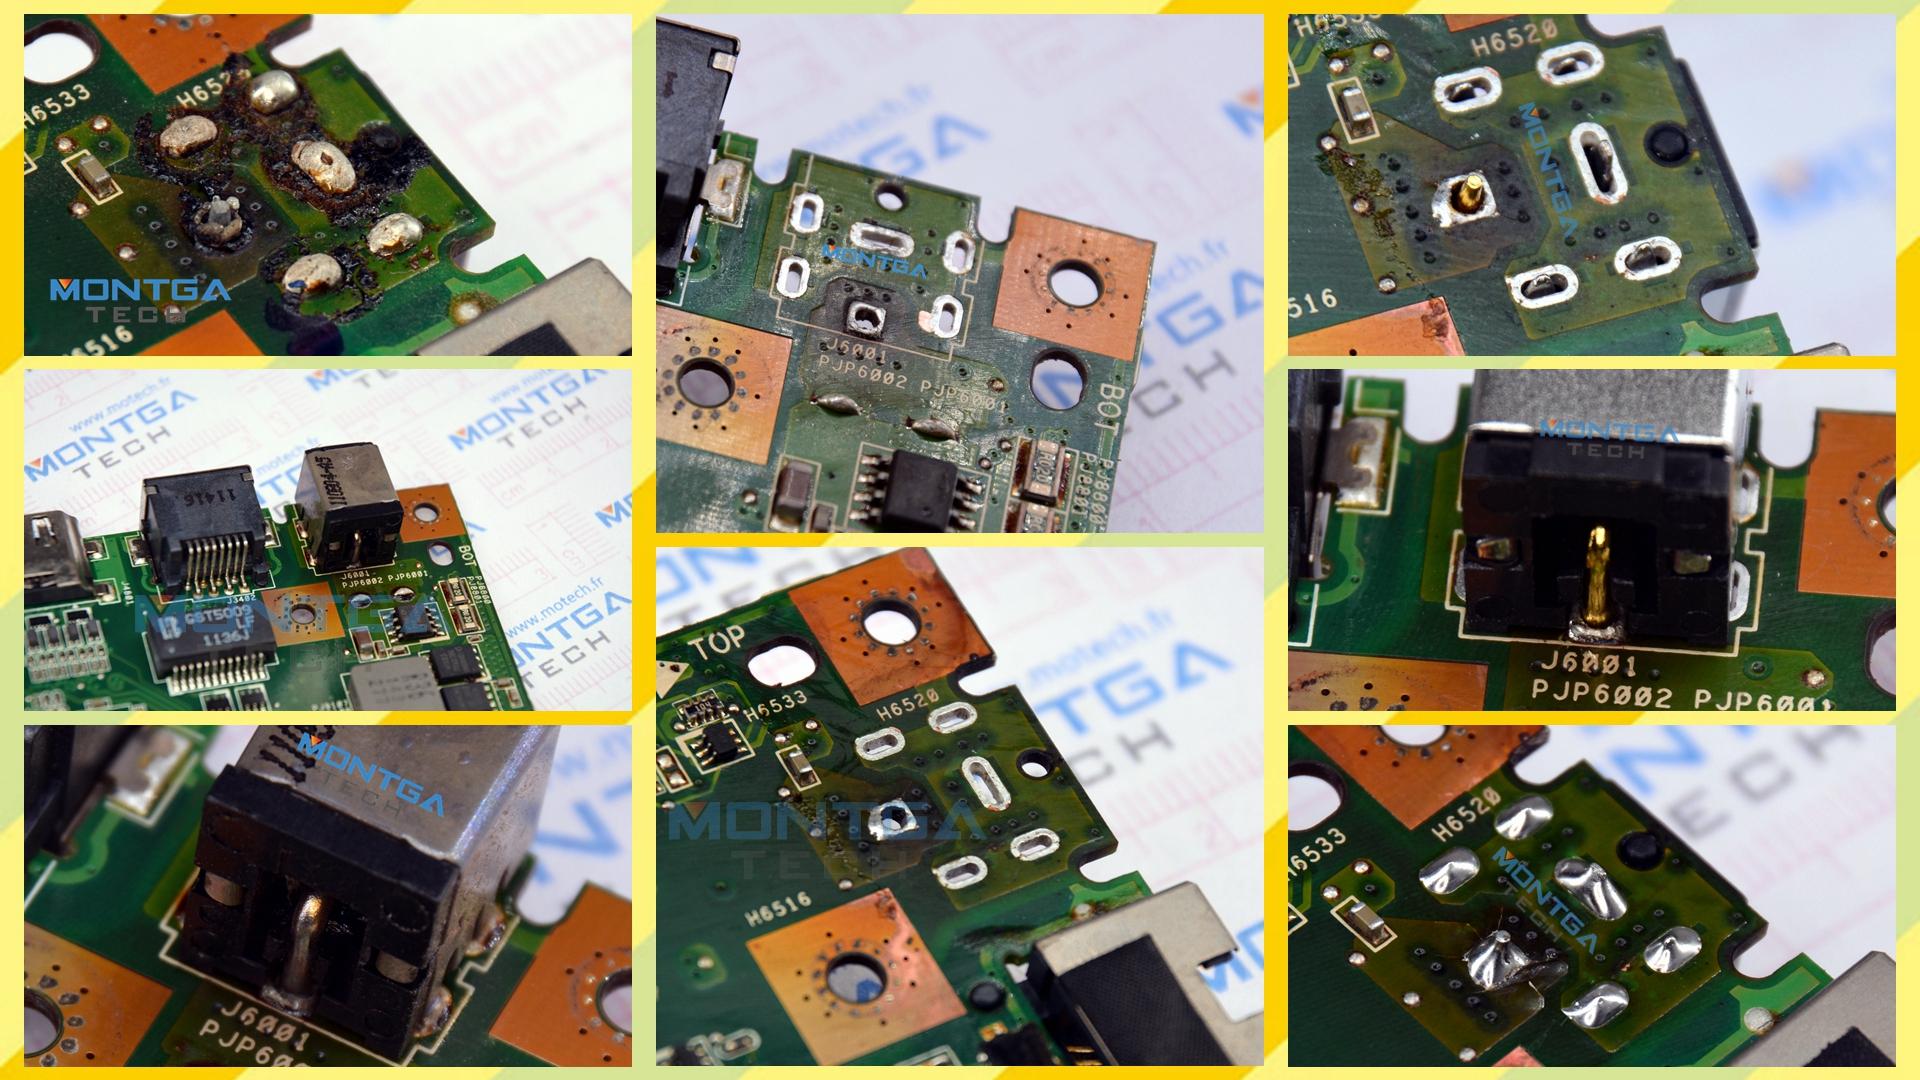 repair charging connector Compaq R3140CA, repair DC Power Jack Compaq R3140CA, repair Jack socket Compaq R3140CA, repair plug Compaq R3140CA, repair DC Alimantation Compaq R3140CA, replace charging connector Compaq R3140CA, replace DC Power Jack Compaq R3140CA, replace Jack socket Compaq R3140CA, replace plug Compaq R3140CA, replace DC Alimantation Compaq R3140CA,